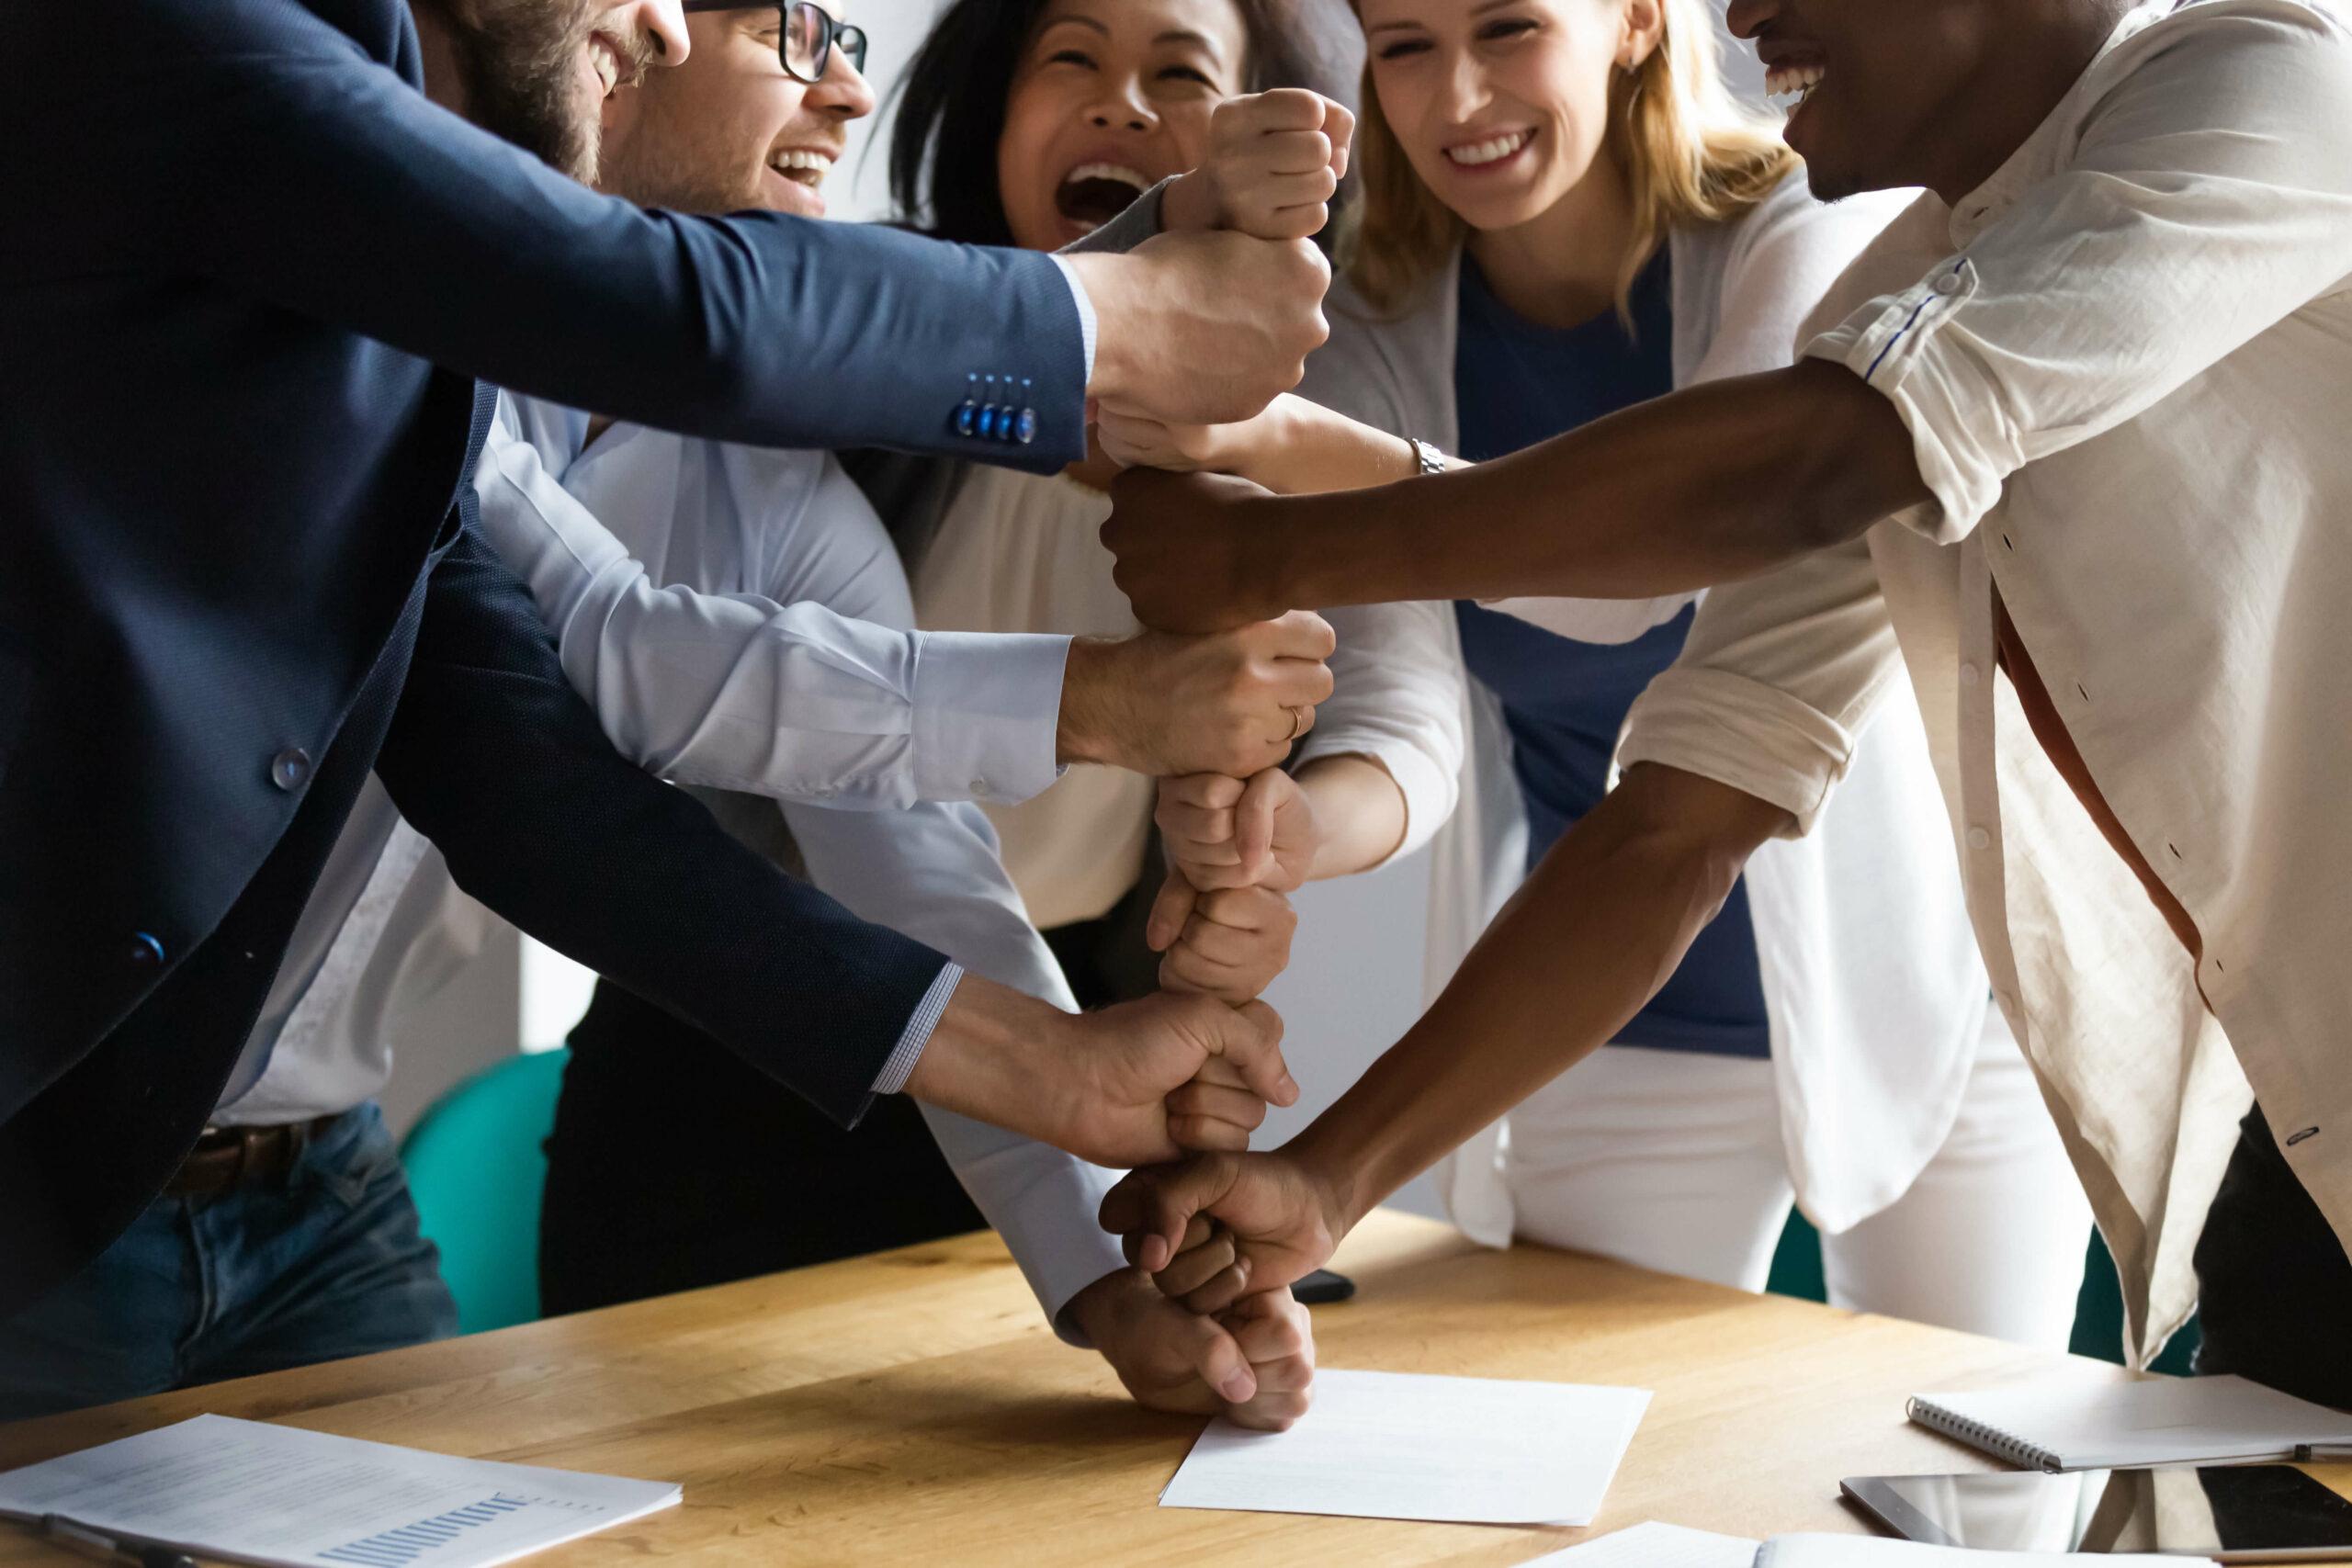 Kooperation statt Konfrontation: Erfolgreich Gründen als Buddys